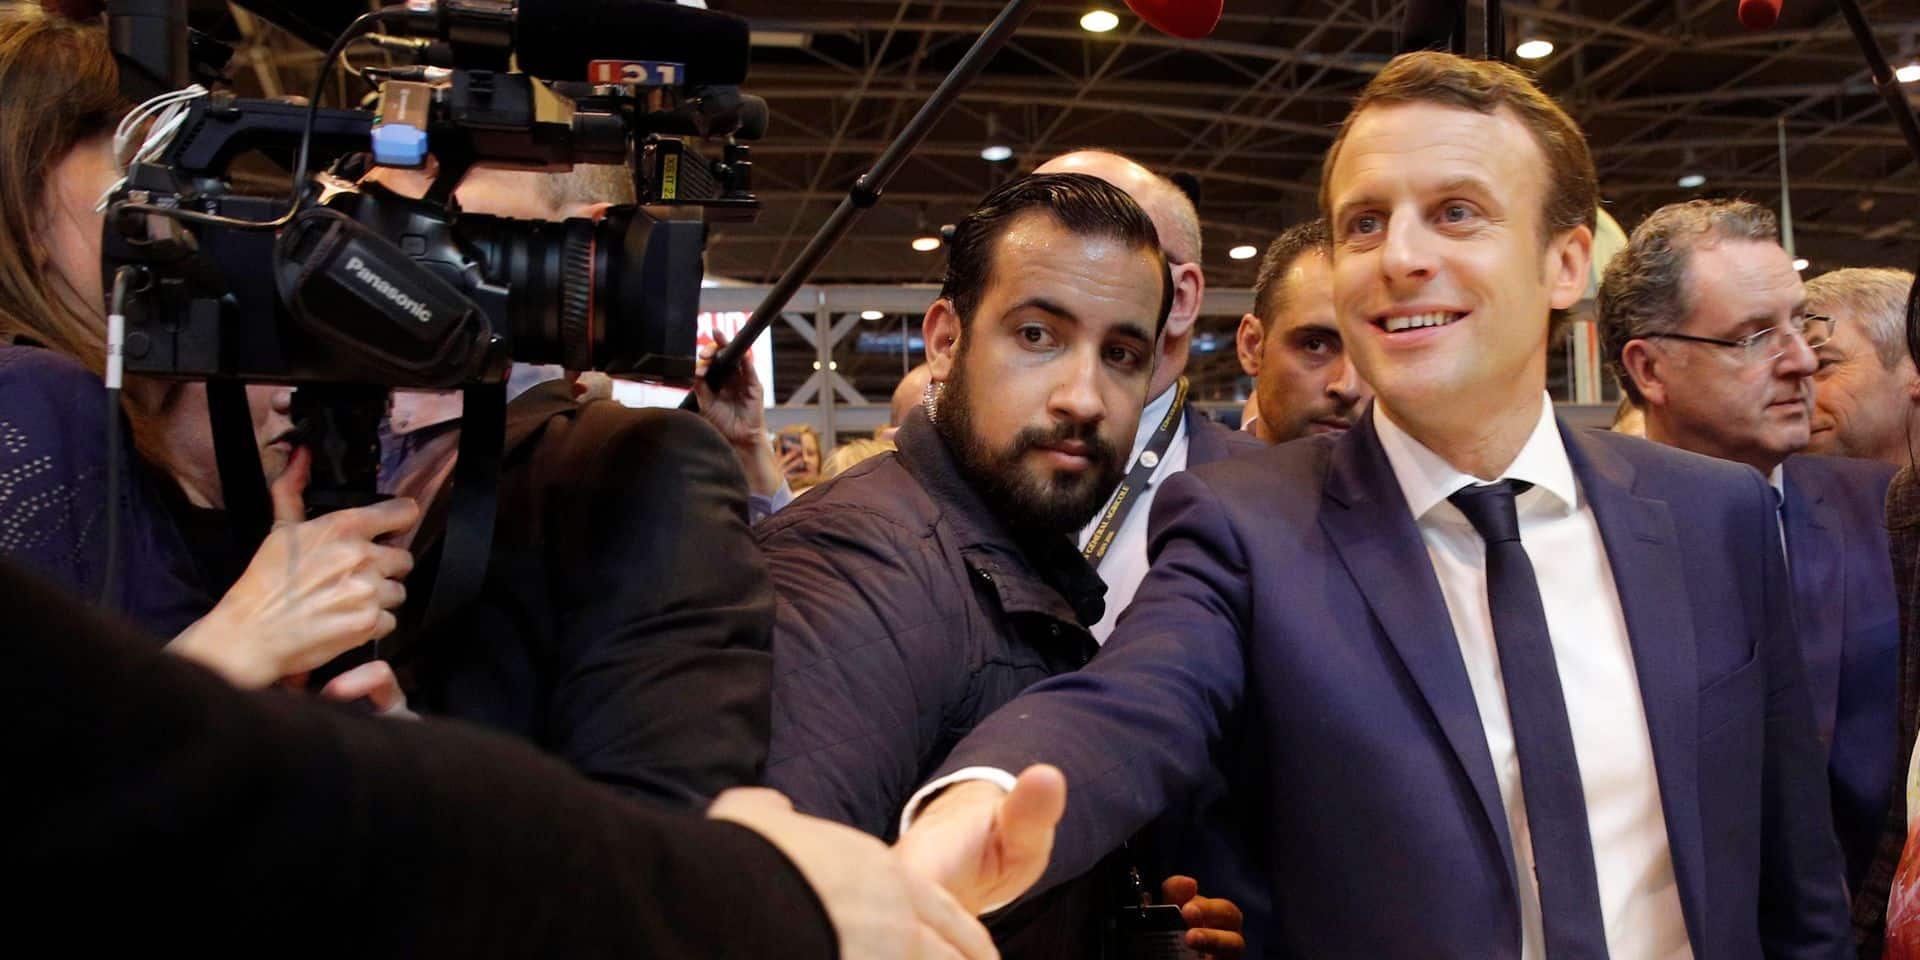 """Affaire Benalla: Emmanuel Macron est """"extrêmement déterminé à ce que la vérité puisse être établie"""""""